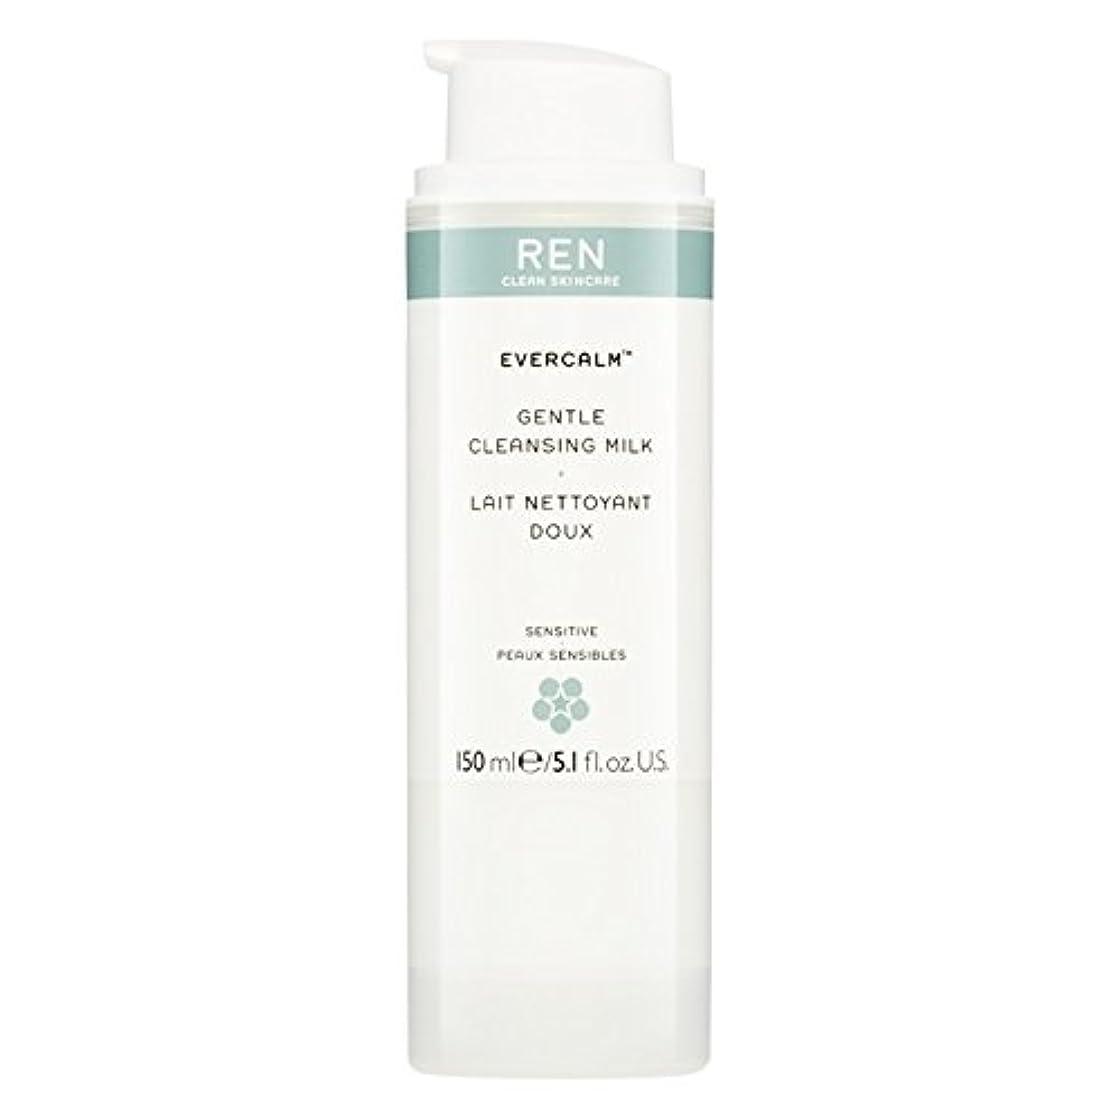 マスタード一般戸棚Ren Evercalm優しいクレンジングミルク、150ミリリットル (REN) (x2) - REN Evercalm Gentle Cleansing Milk, 150ml (Pack of 2) [並行輸入品]